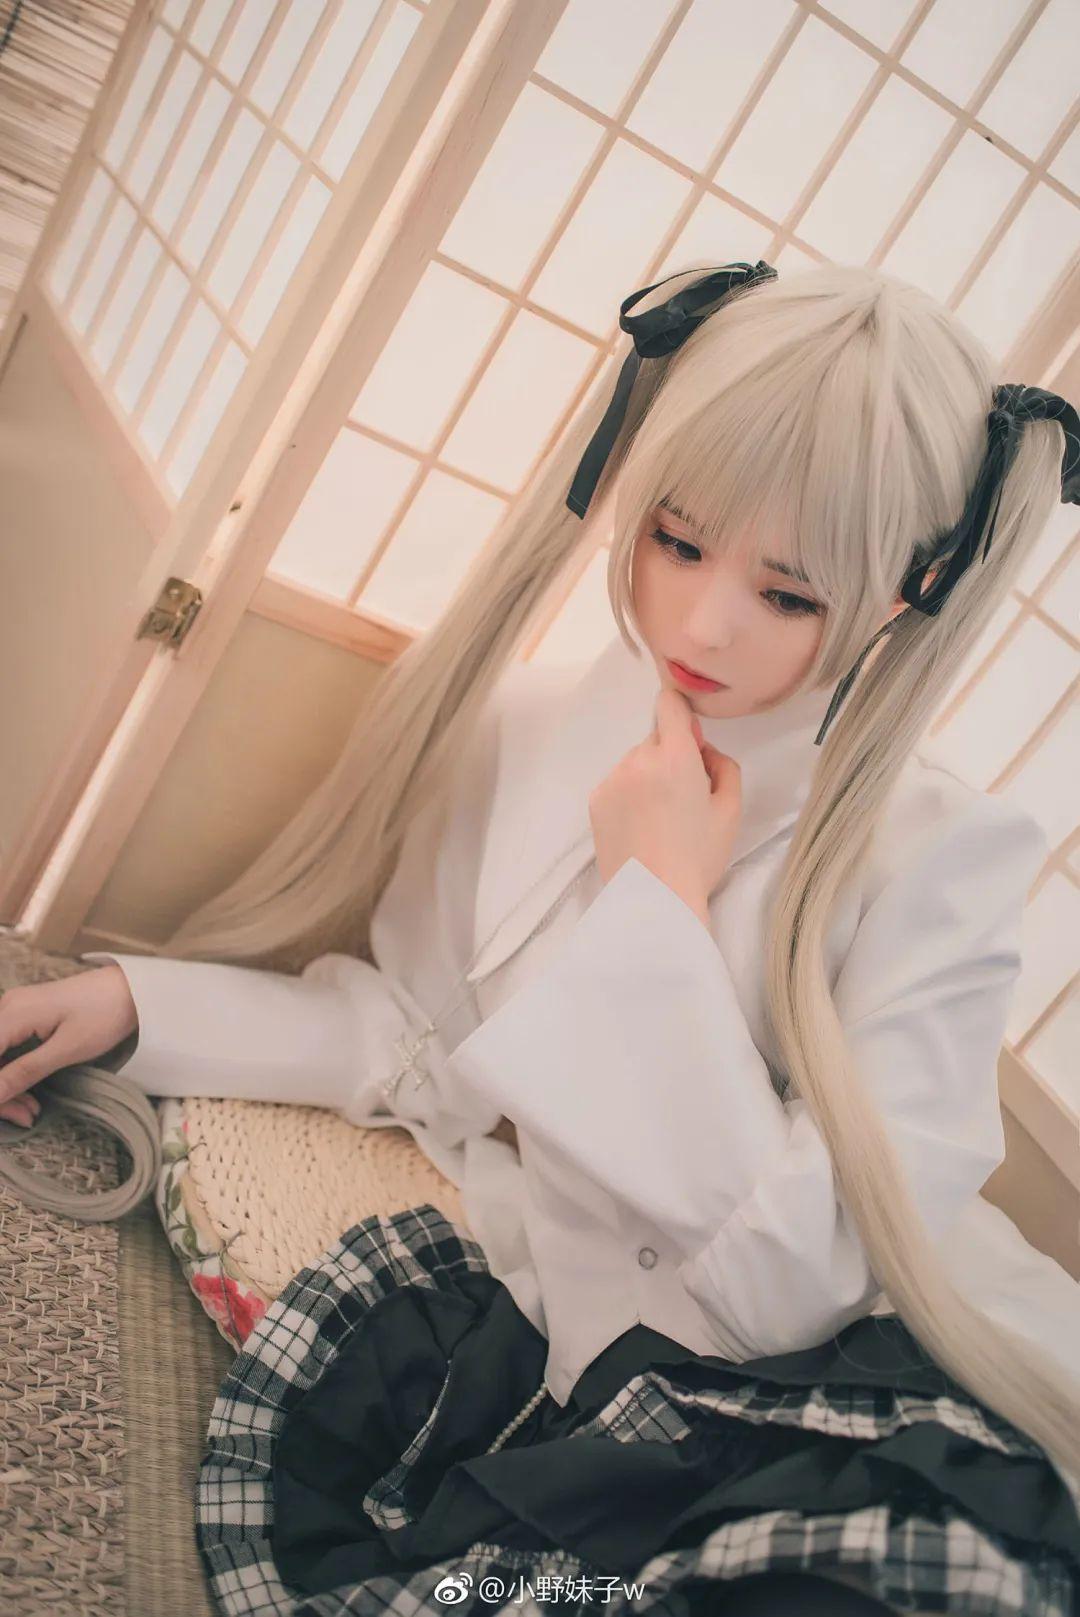 妹子摄影 – 白毛双马尾穹妹cosplay 黑丝过膝袜_图片 No.1